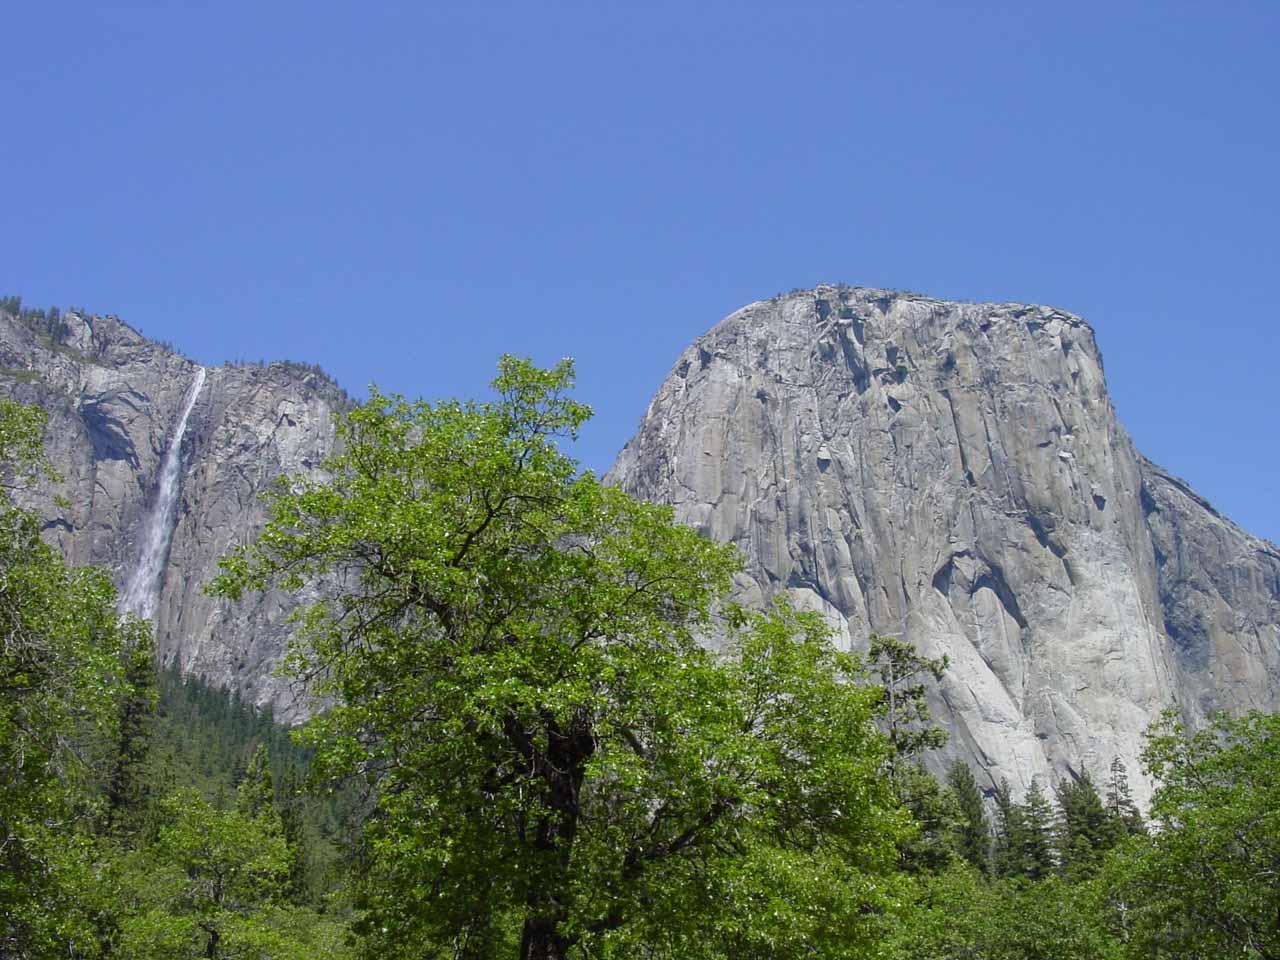 Ribbon Falls together with El Capitan